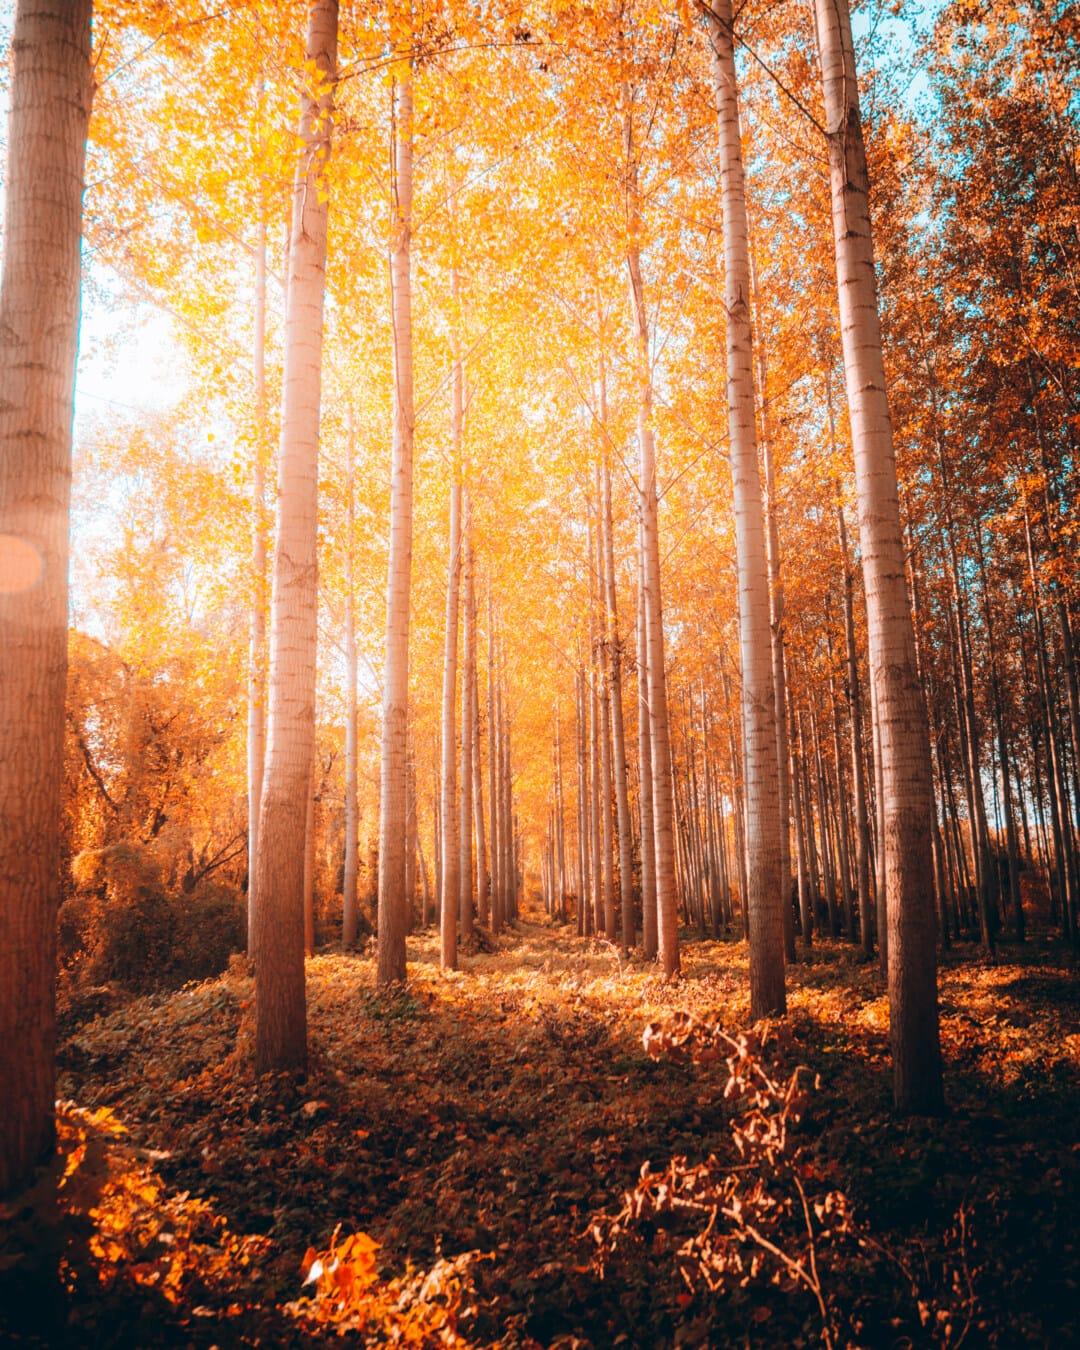 sunny, sunspot, sunshine, forest, sunrays, poplar, forest trail, golden glow, park, landscape